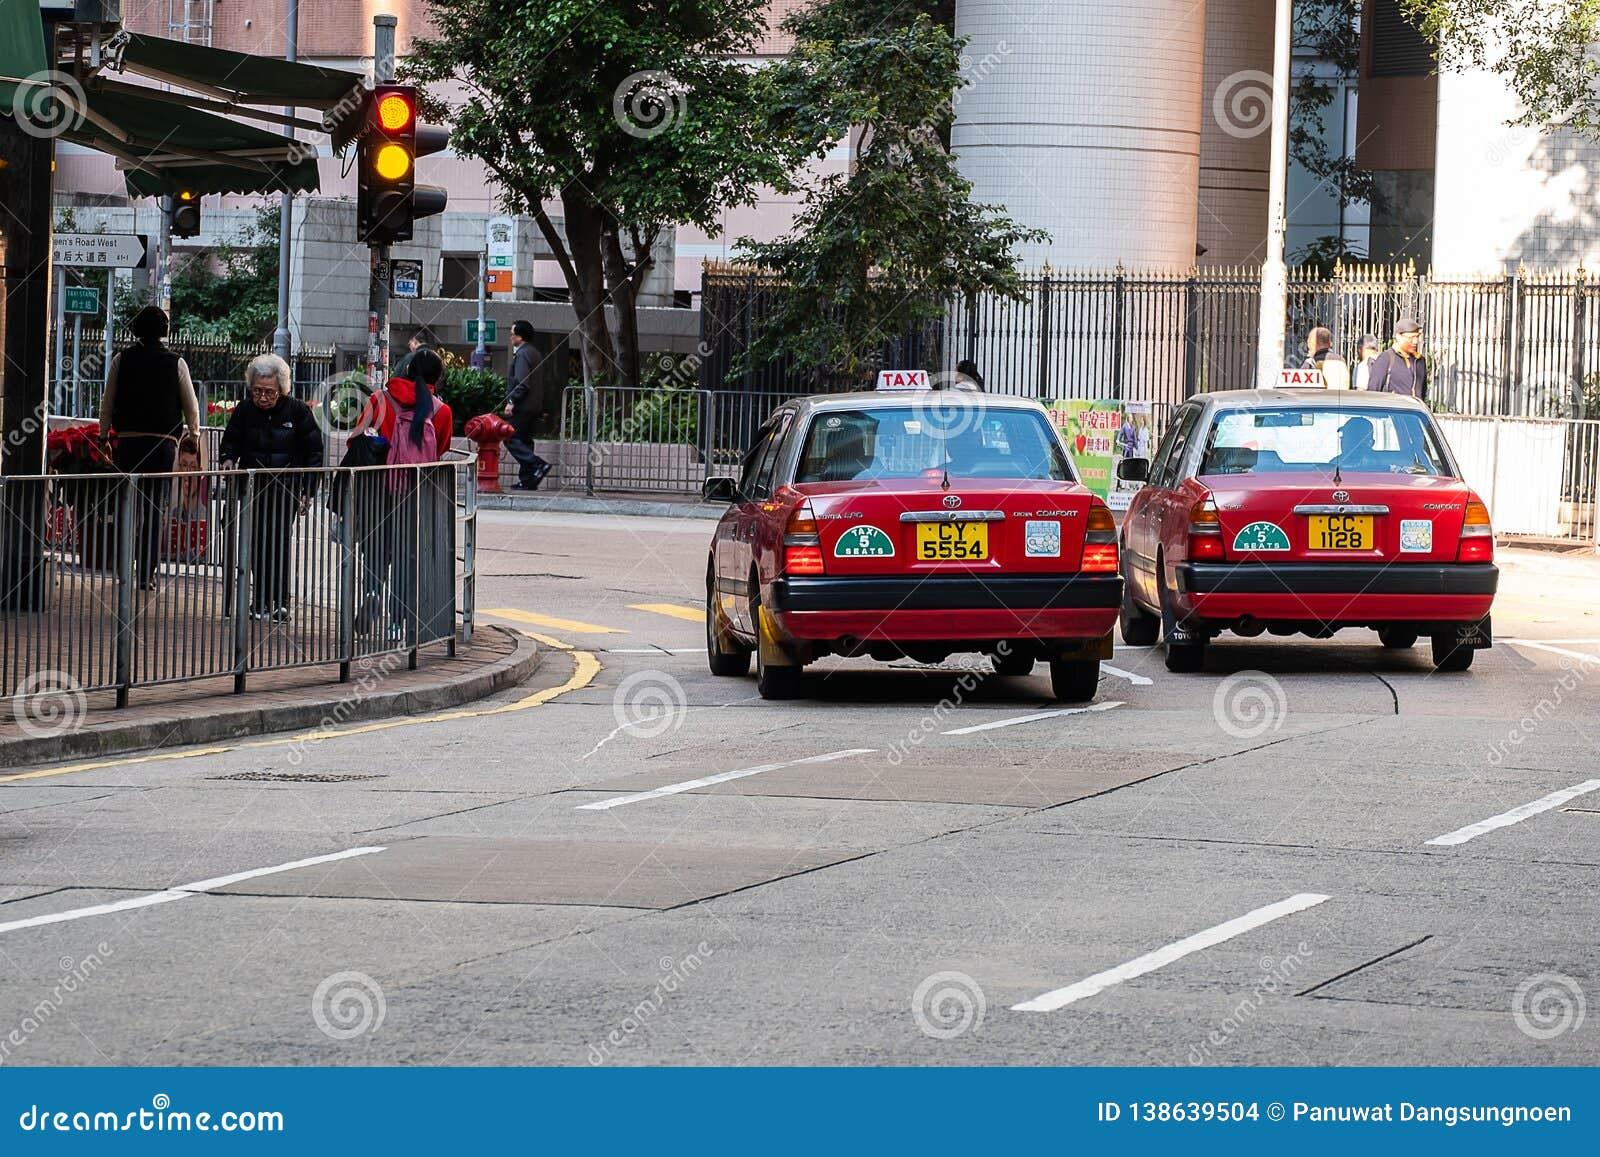 Красное и белое такси цветов, символ HK, на дороге Голливуд около района централи и Sheung болезненного; Гонконг, Китай, 16-ое де